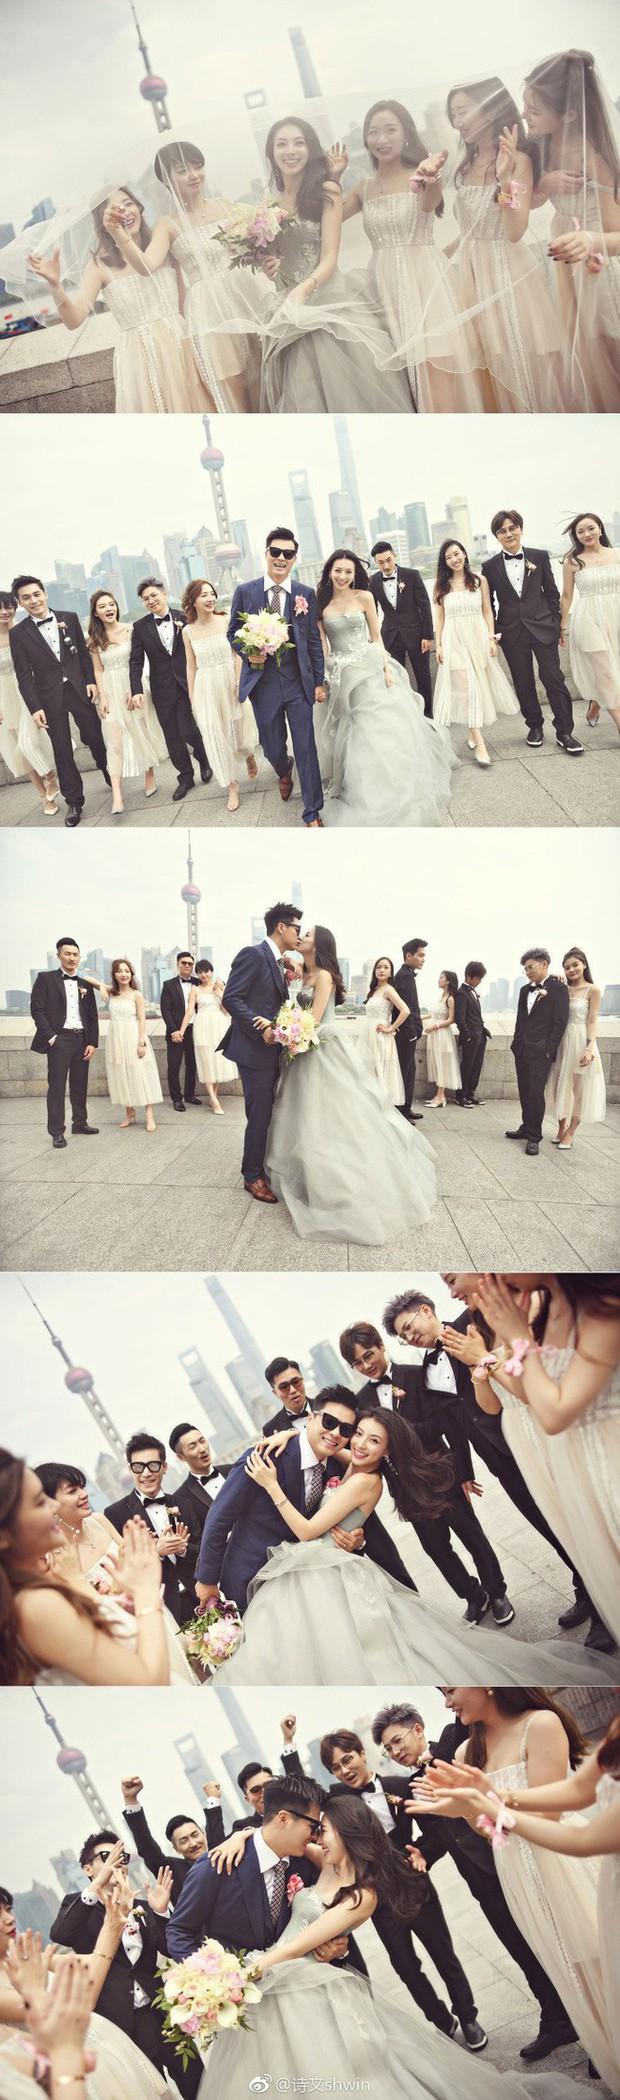 Những đám cưới cổ tích của dàn hot girl vạn người mê từng nổi đình nổi đám khắp Trung Quốc - Ảnh 2.